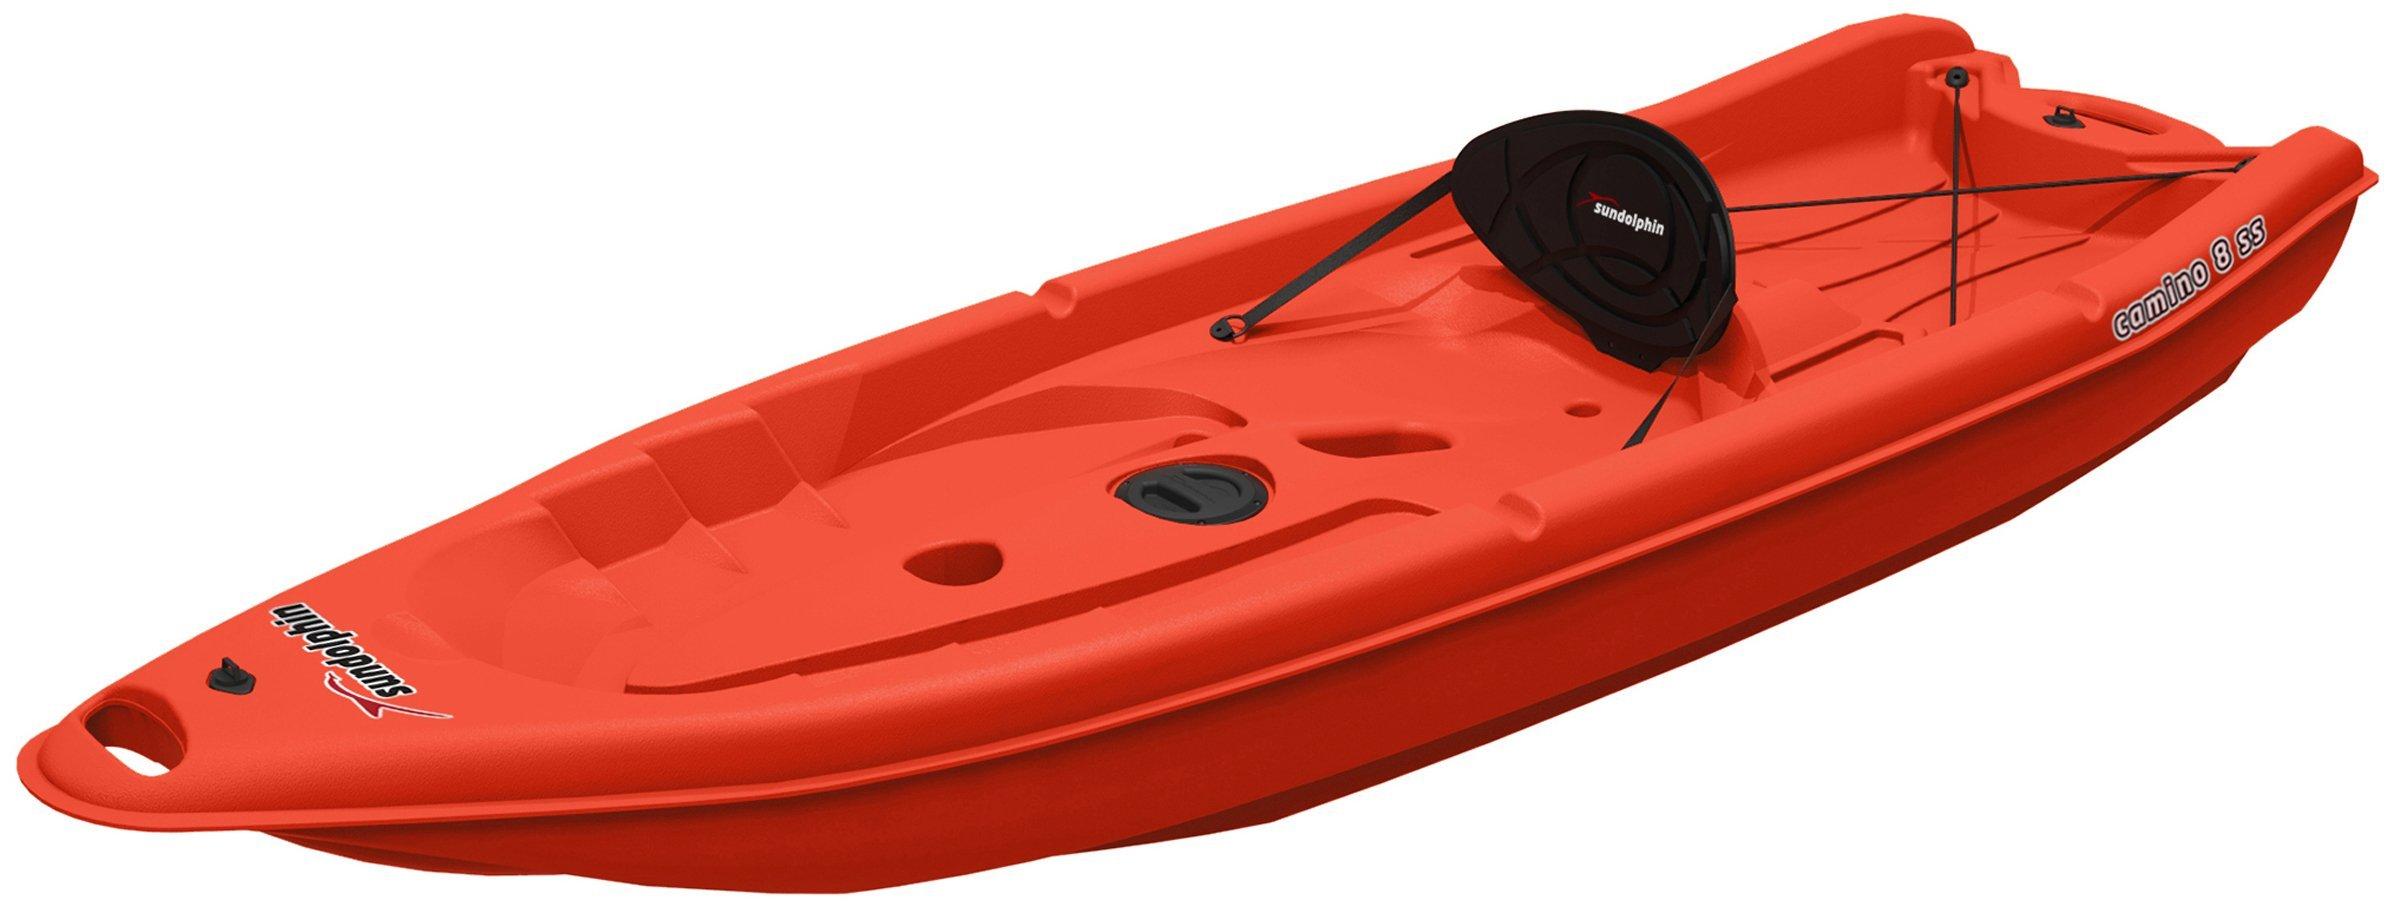 SUNDOLPHIN Sun Dolphin Camino SS Sit-on-top Kayak (Red, 8-Feet) by SUNDOLPHIN